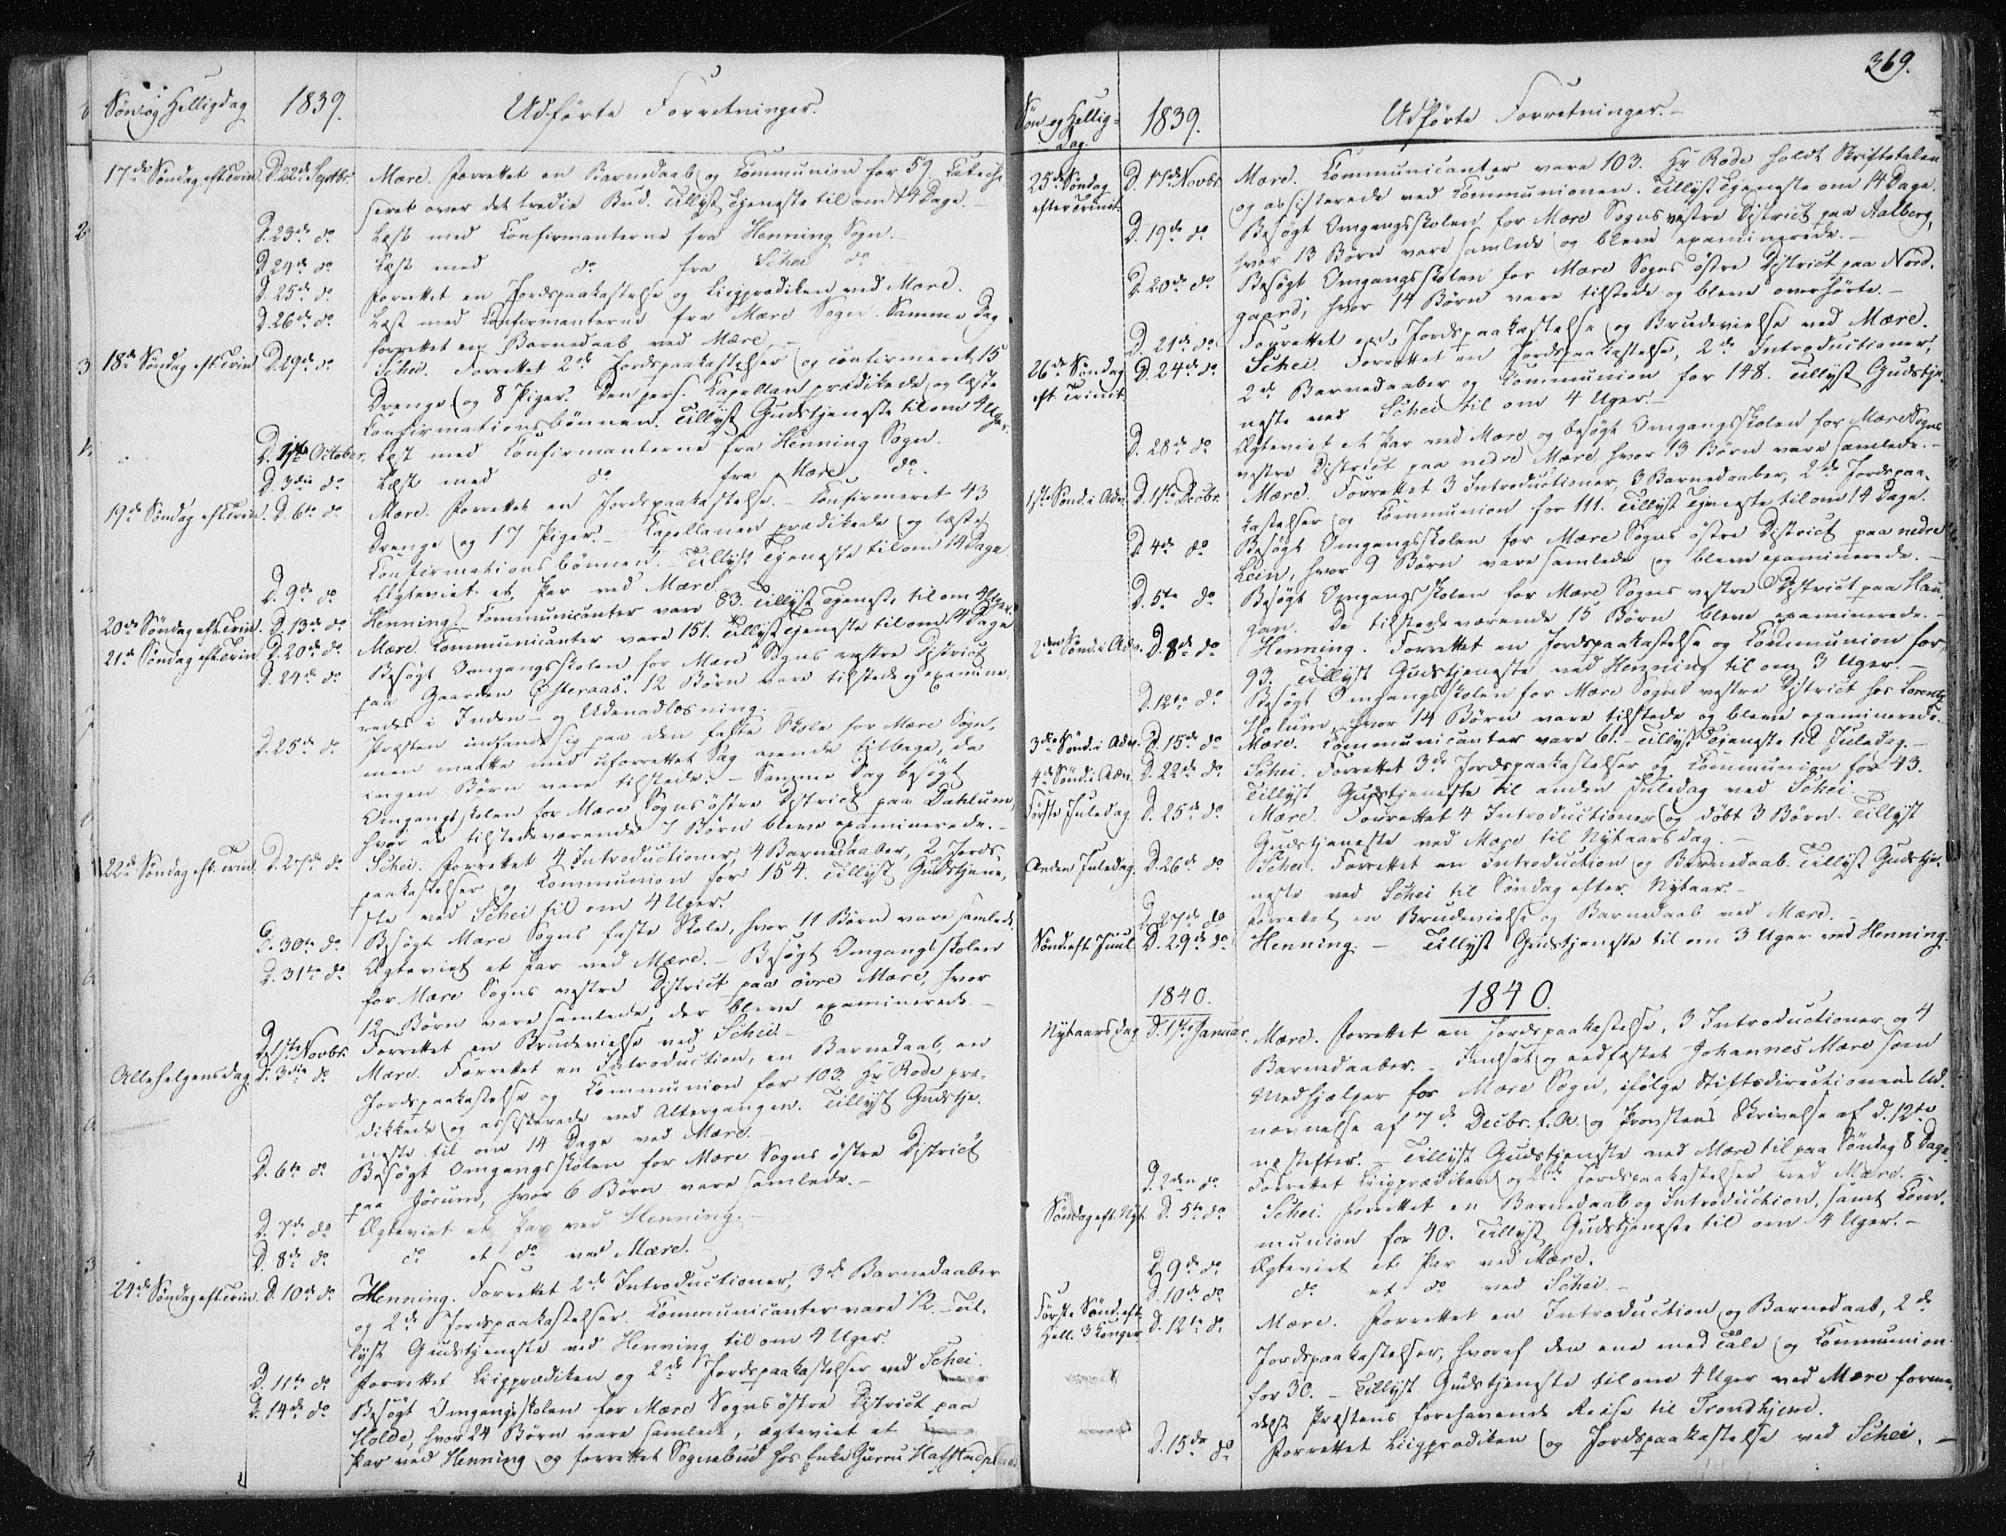 SAT, Ministerialprotokoller, klokkerbøker og fødselsregistre - Nord-Trøndelag, 735/L0339: Ministerialbok nr. 735A06 /1, 1836-1848, s. 369